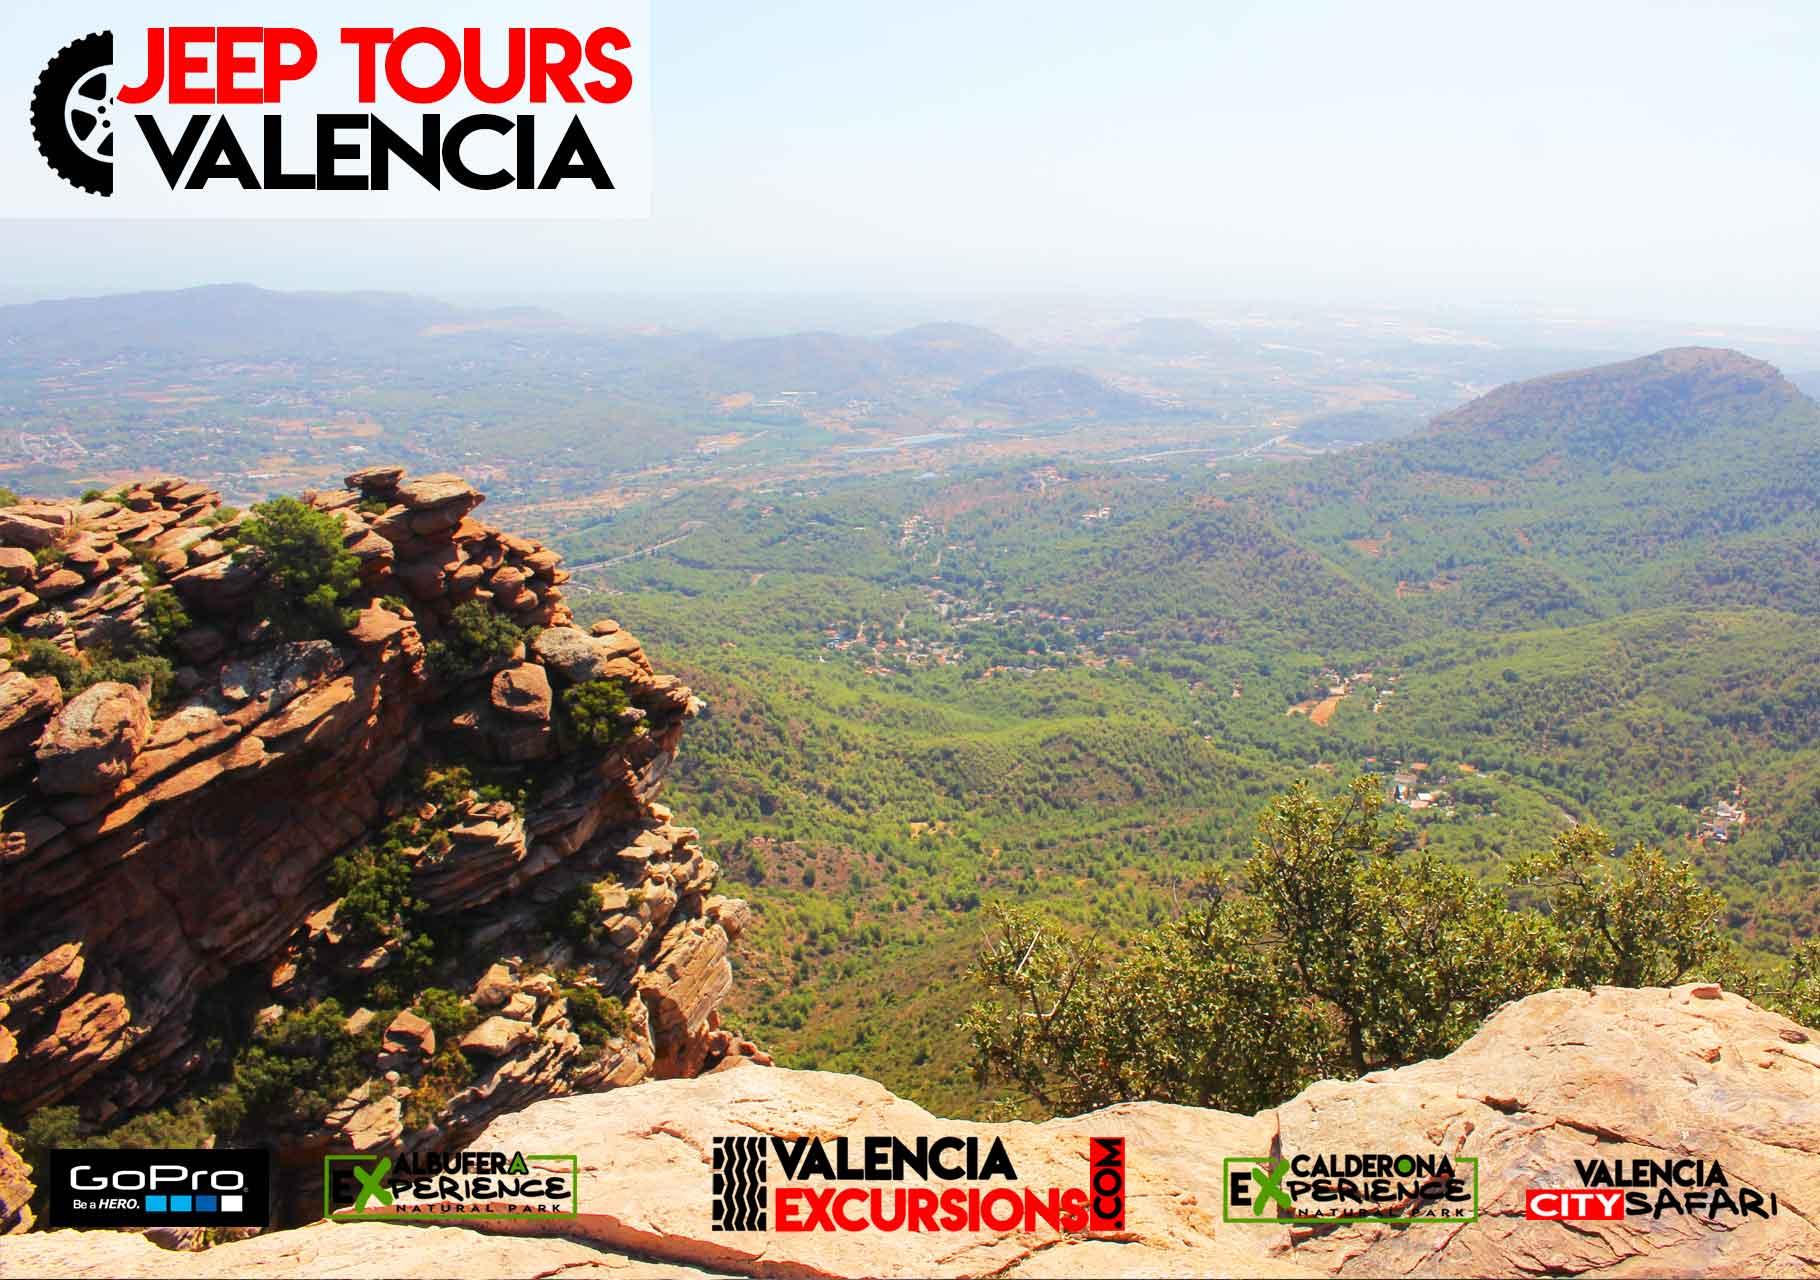 El Garbi Aussichtspunkt auf 700 Metern im Naturpark Calderona Valencia. Abenteuer in Jeeps